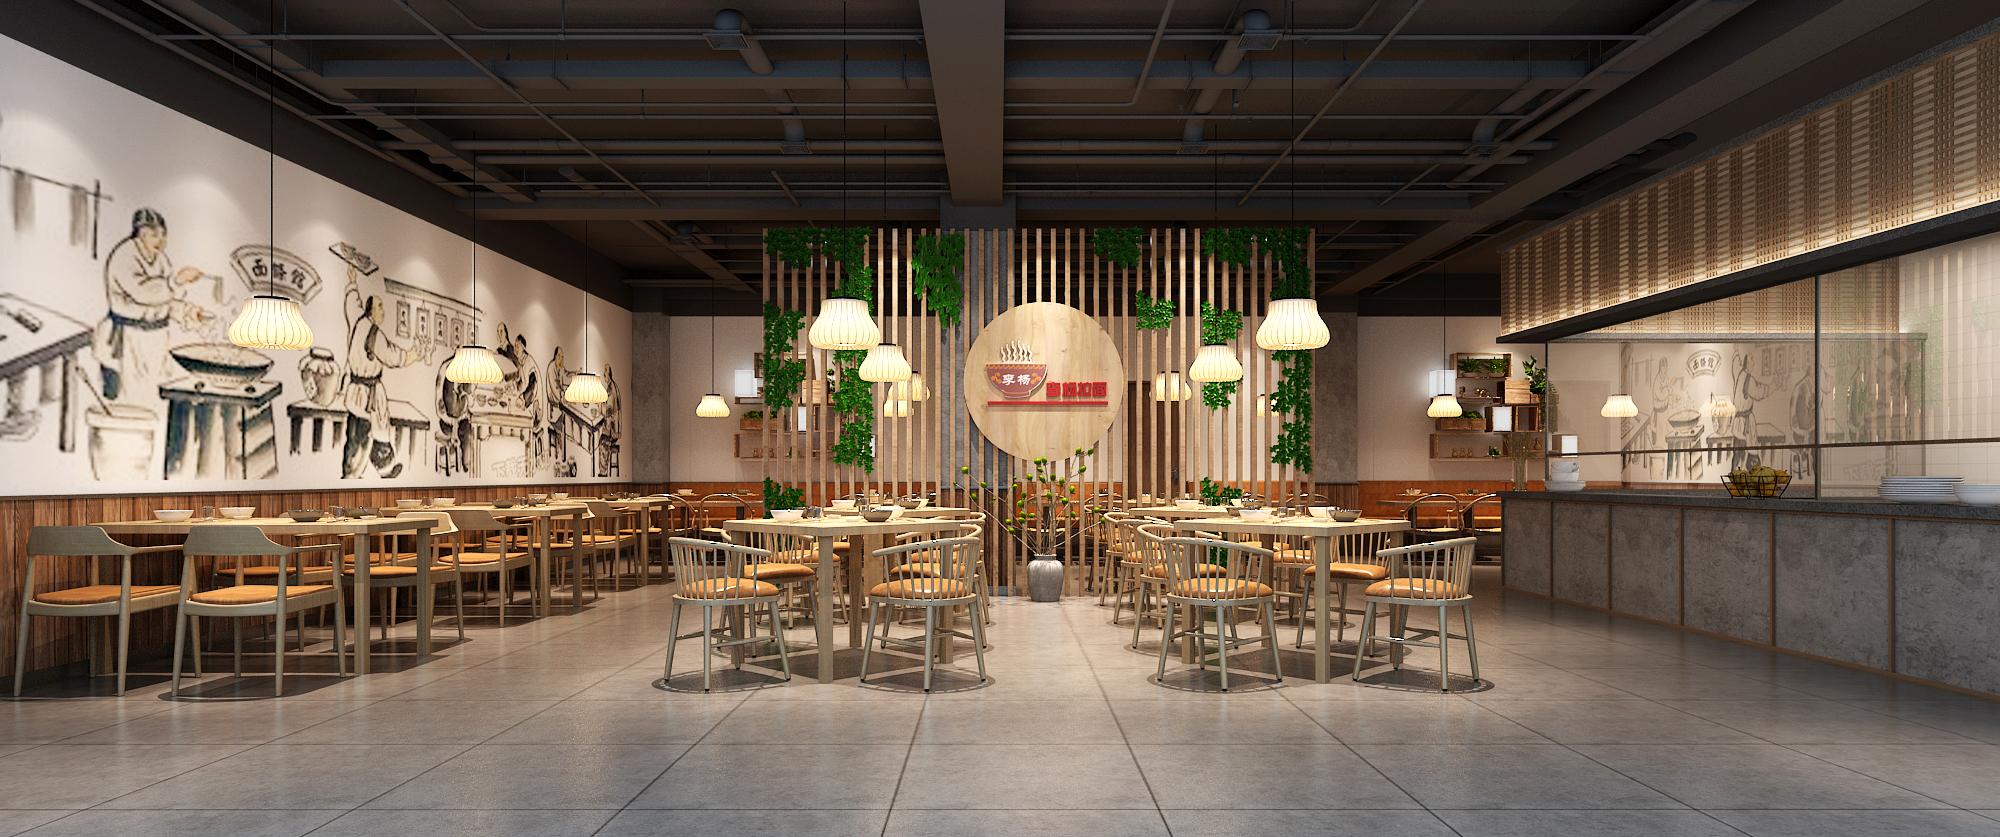 郑州餐厅设计师整理的不同餐厅的照明规律